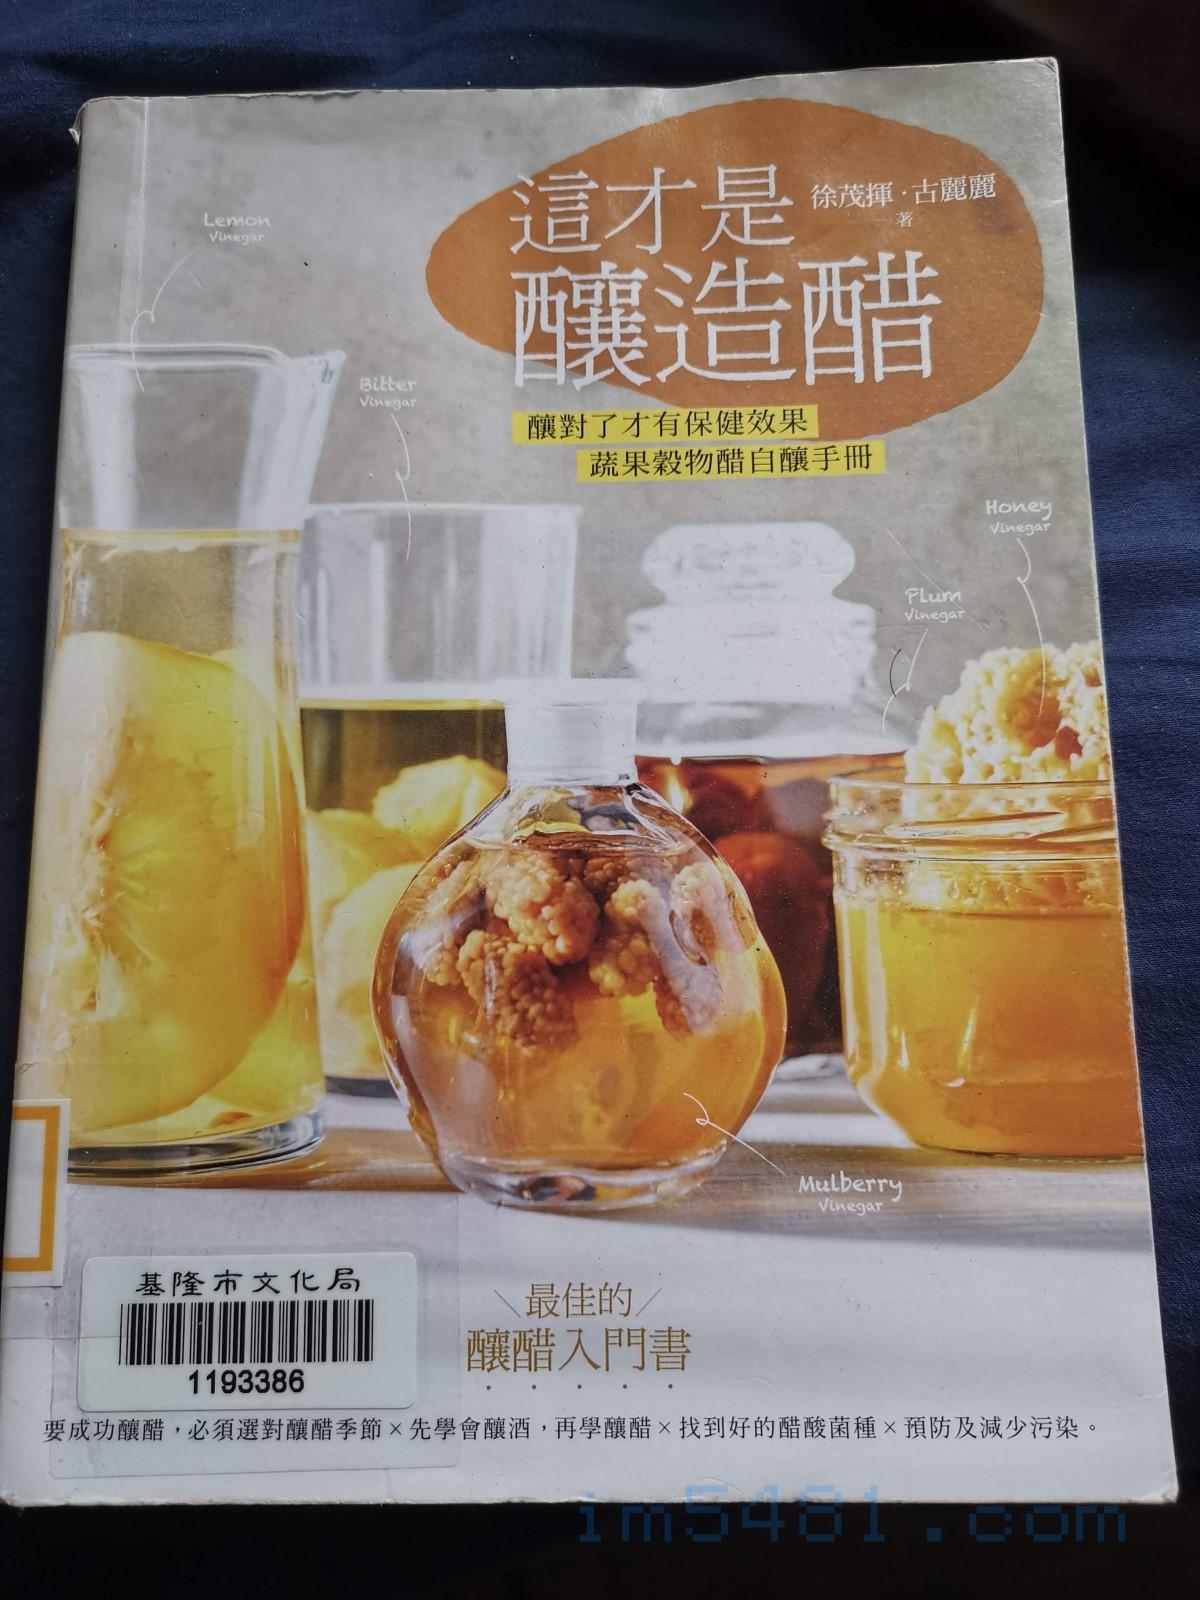 在基隆圖書館借到的『這才是釀造醋』作者 徐茂揮 古麗麗 出版者: 幸福文化出版社